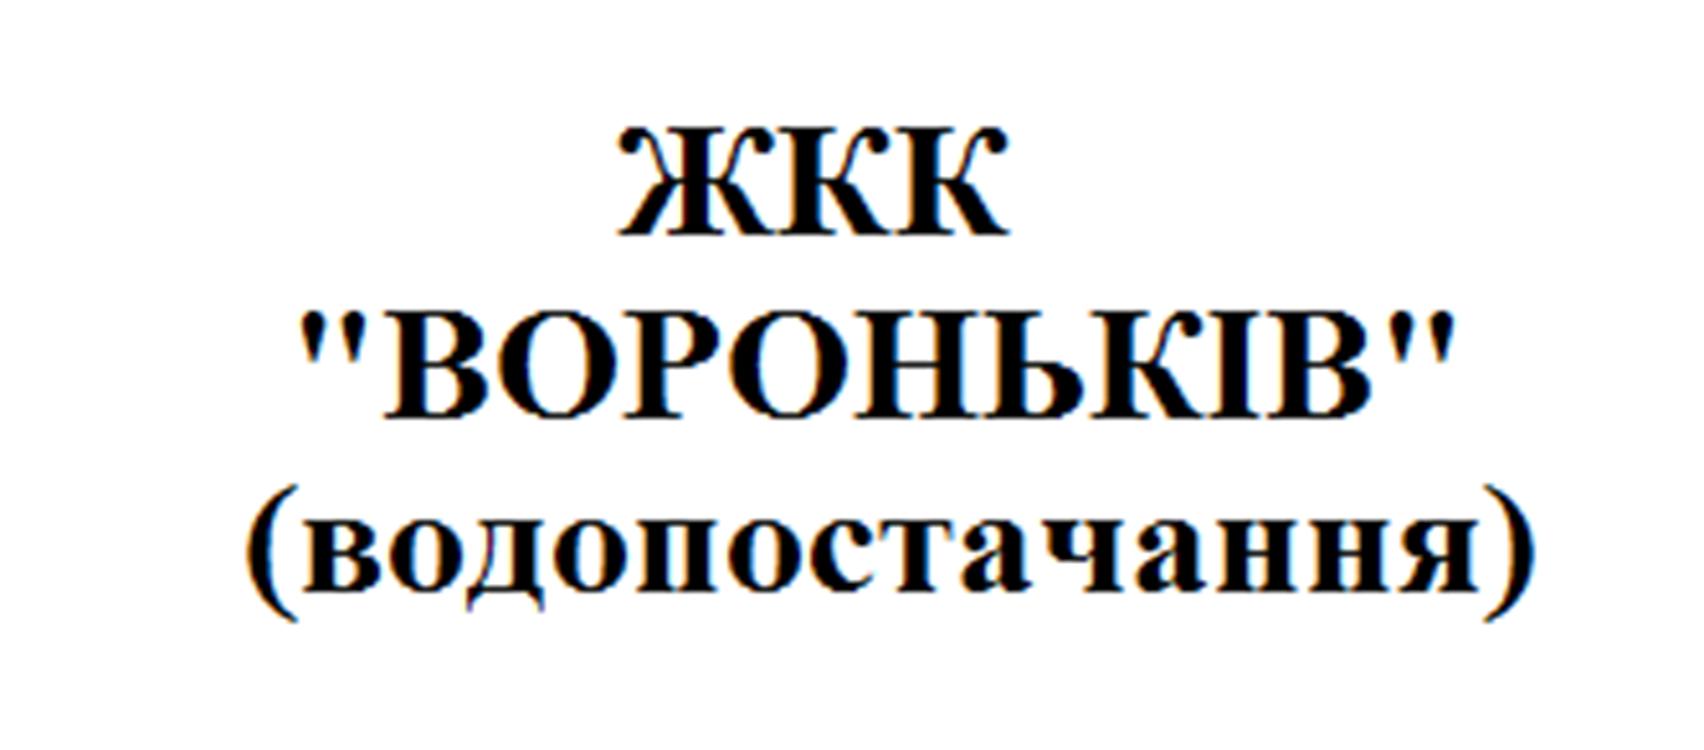 """ЖКК """"ВОРОНЬКІВ""""  (водопостачання)"""